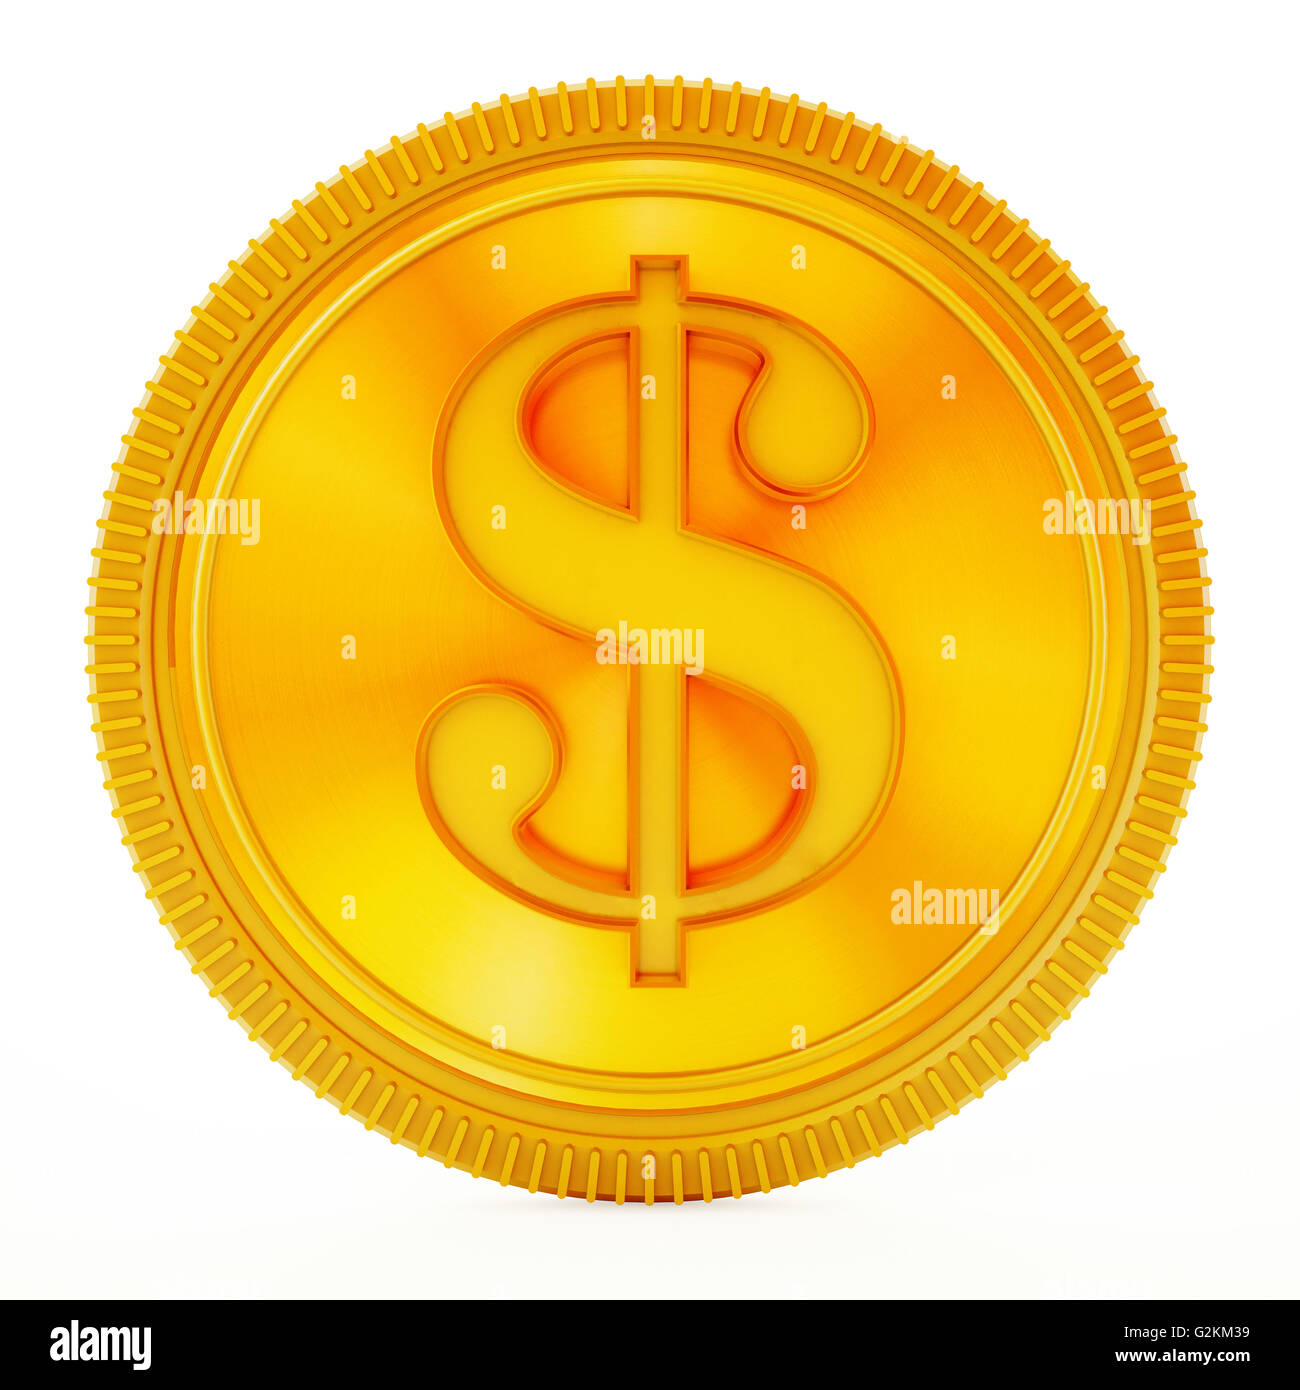 Moneda de oro con el símbolo de dólar aislado sobre fondo blanco. Imagen De Stock